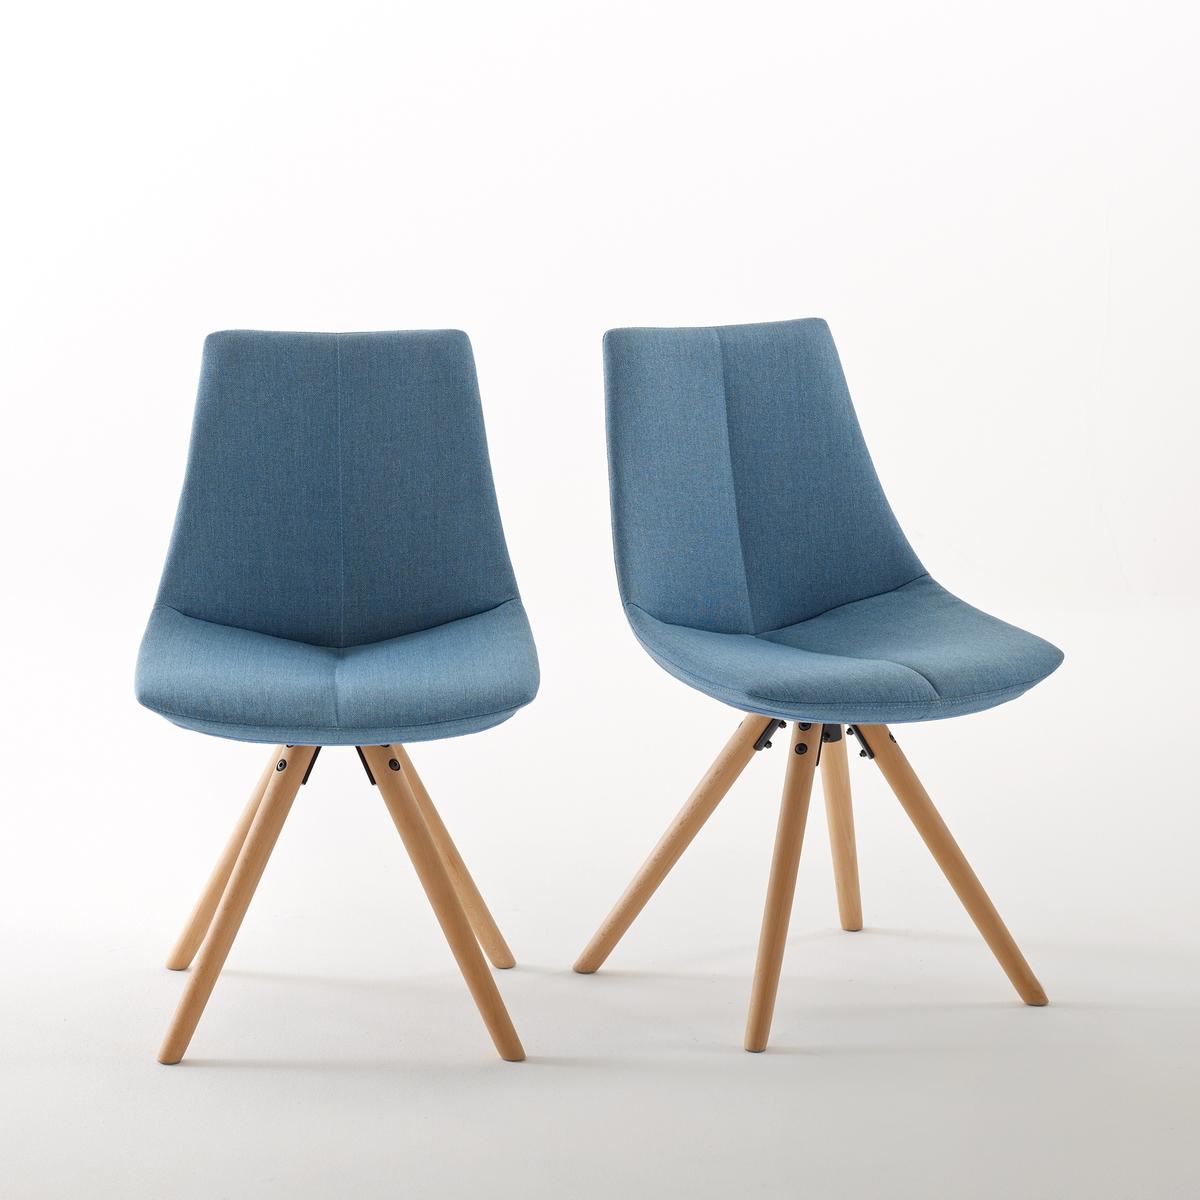 2 стула мягких ASTING2 мягких стула Asting. Очень стильный дизайн с графическими перспективами стульев Asting, которые обладают неоспоримым комфортом.Характеристики мягких стульев Asting :Тканевое покрытие, 100% полиэстер.Сиденье из полипропилена с наполнителем из 100% пенополиуретана плотностью 24 кг/м?.Ножки из массива бука с покрытием нитроцеллюлозным лаком.Для оптимального качества и устойчивости рекомендуется надежно затянуть болты. Откройте для себя табуреты и другие модели коллекции Asting на сайте laredoute.ru.Размер мягких стульев Asting :Общие :Длина :  48 см.Высота : 81,5 смГлубина :  54 смСиденье : В.45 см.Размеры и вес упаковки:1 коробкаШ 61 x В 50 x Г 51 см14,1 кгДоставка :Мягкие стулья Asting продаются в разобранном виде. Возможна доставка до квартиры по предварительному согласованию !Внимание ! Убедитесь, что дверные, лестничные и лифтовые проемы позволяют осуществить доставку коробки таких габаритов .<br><br>Цвет: желтый горчичный,светло-серый,синий